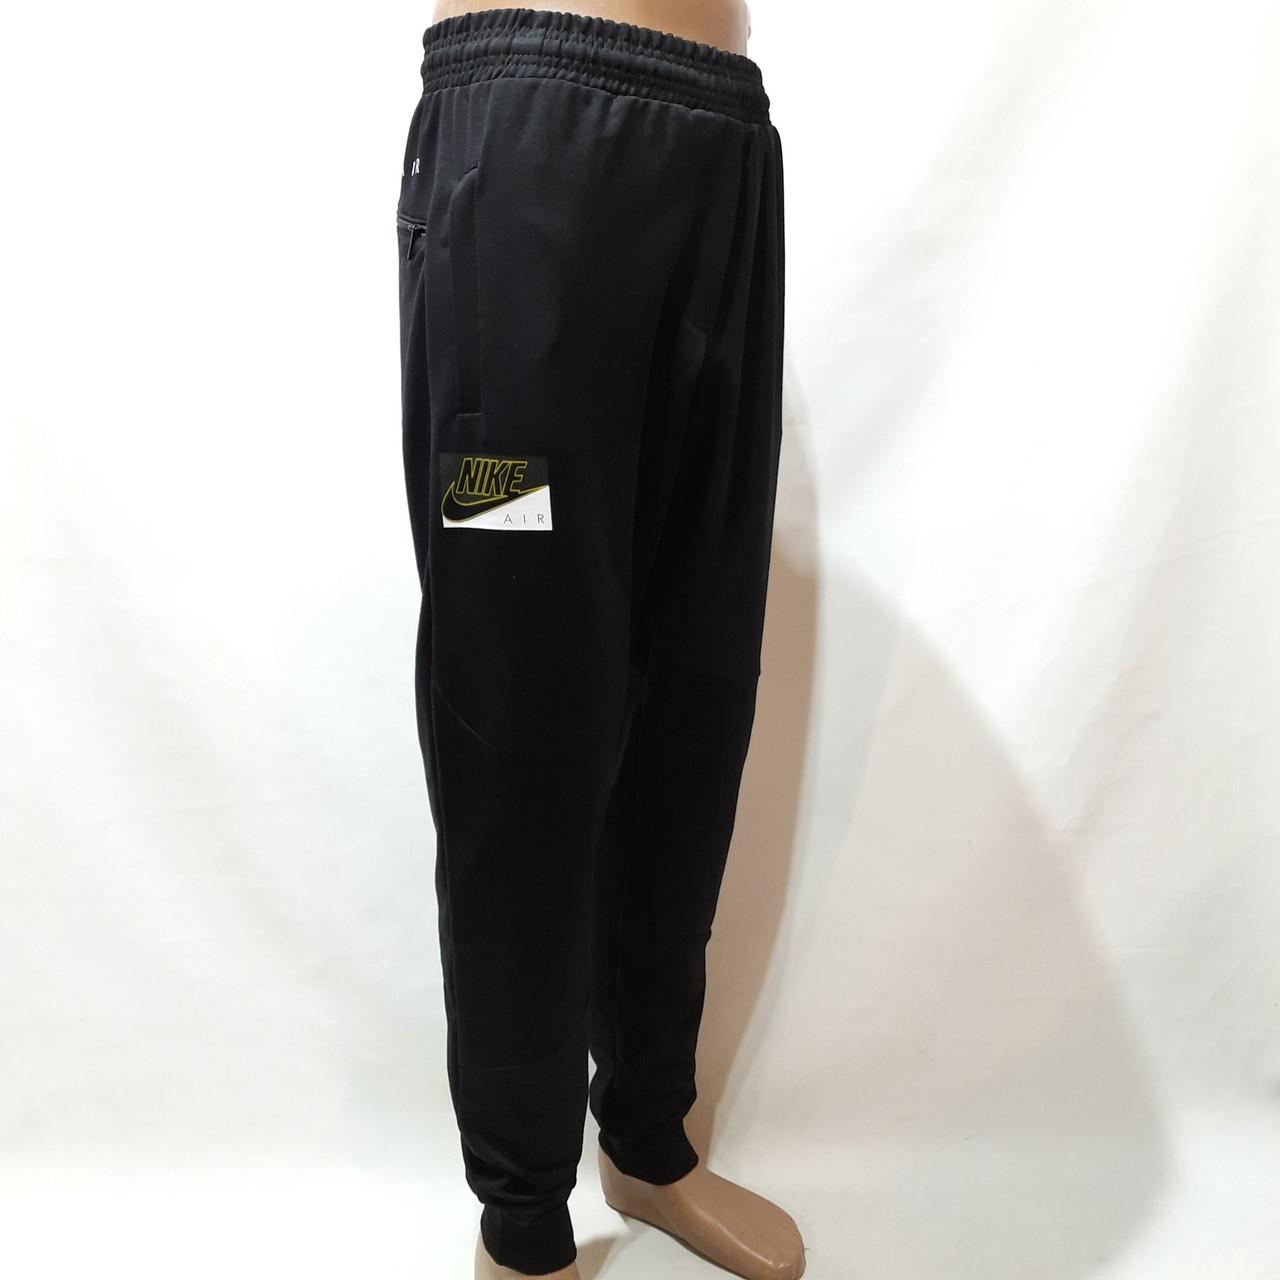 Мужские брюки спортивные весенние ( Норма ) в стиле Nike под манжет черные